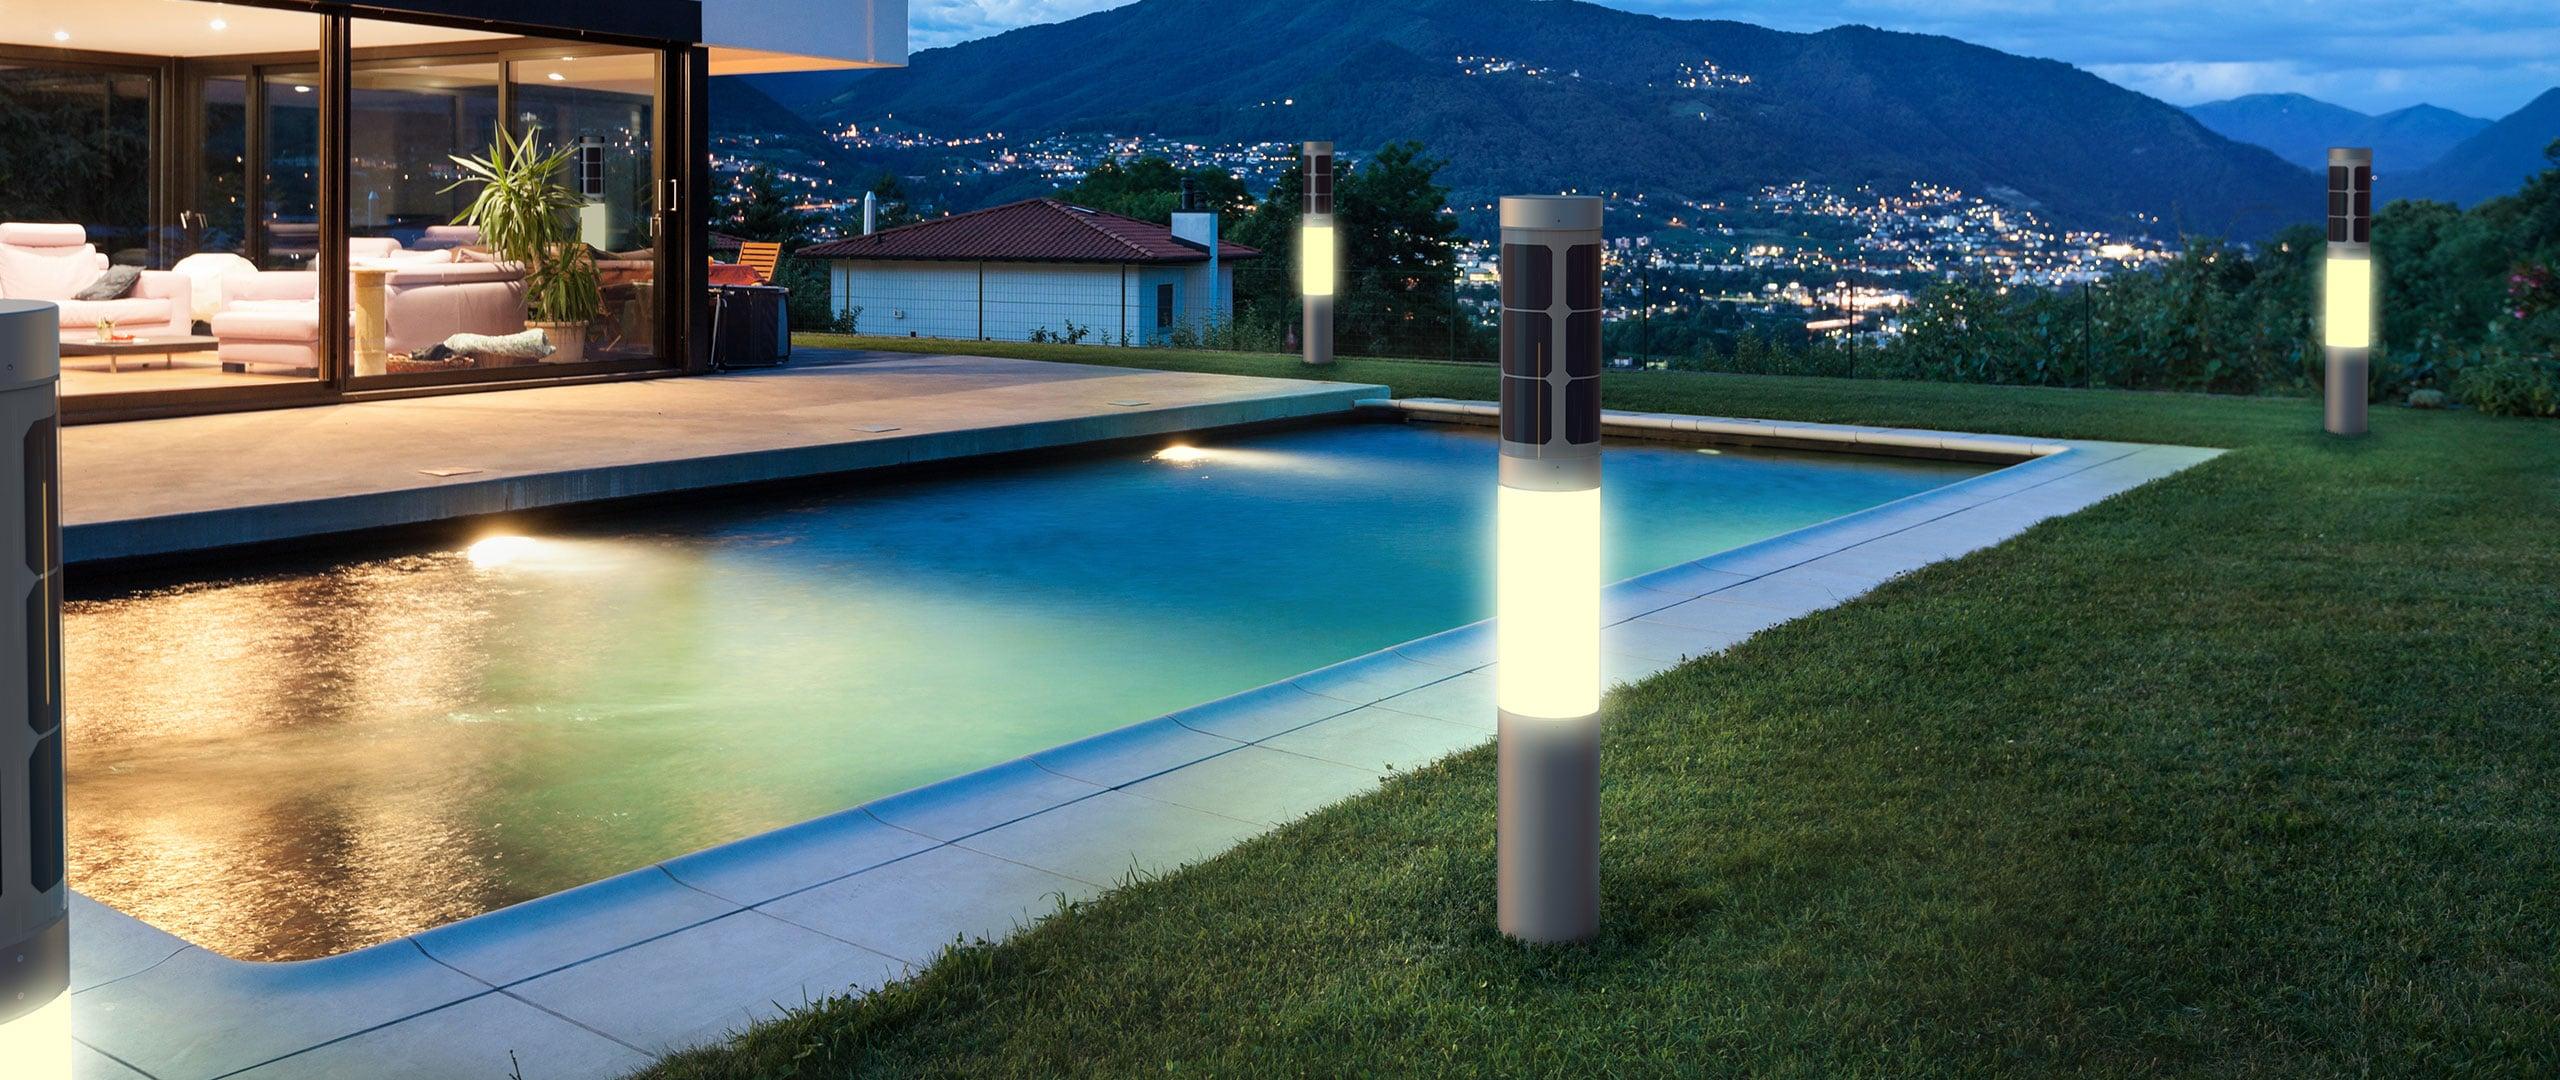 flexsol-nxt-solar-tuinverlichting-buitenlamp-bij-villa-nederlands-design